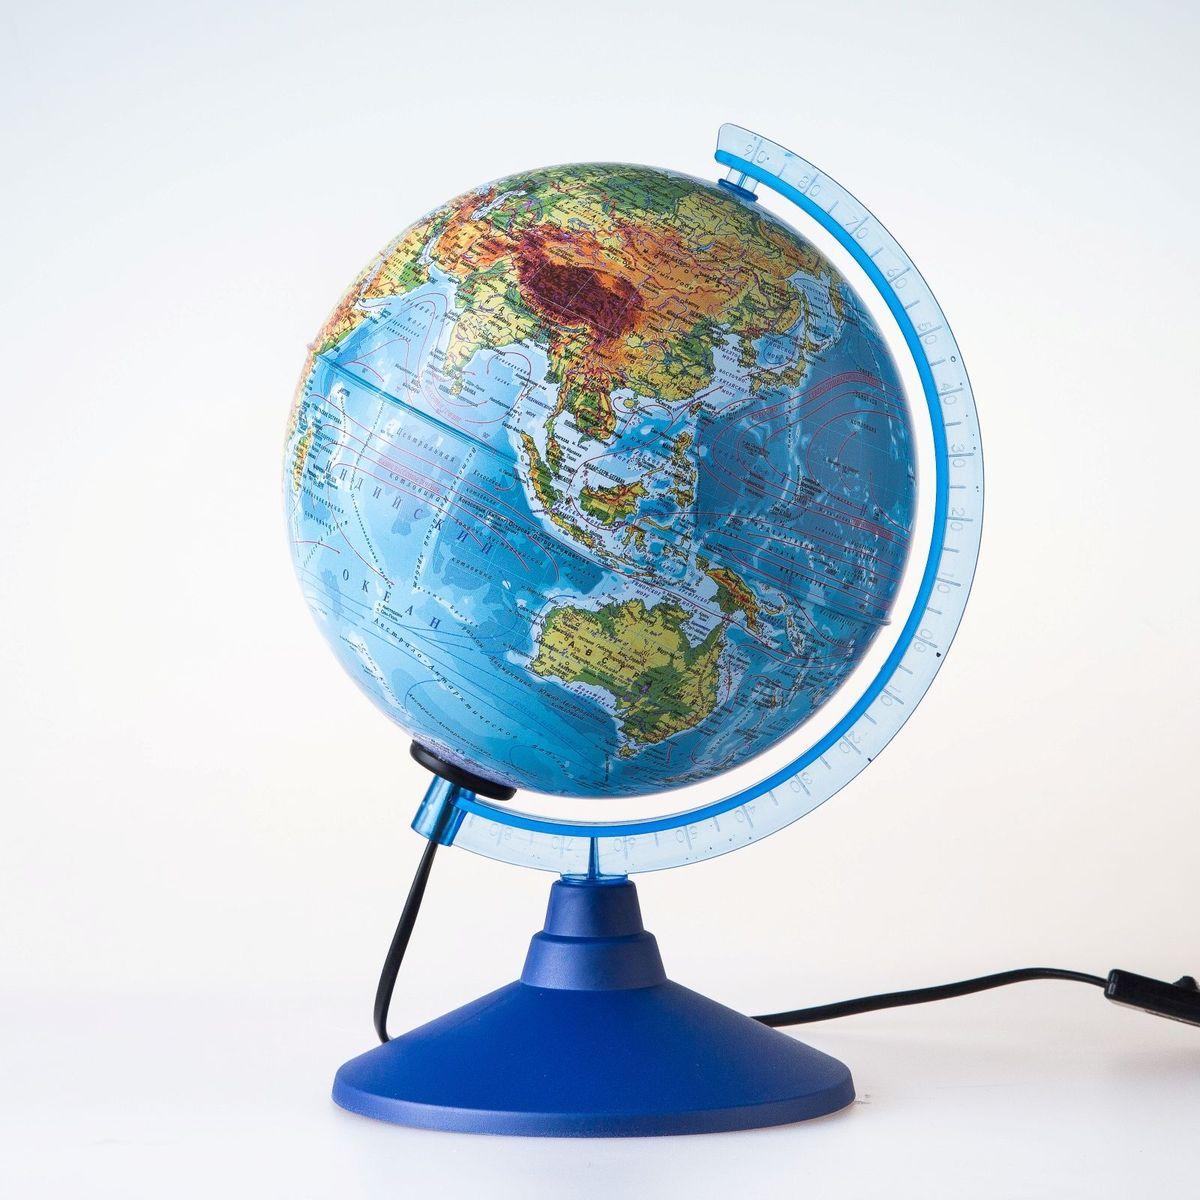 Глобен Глобус физический Классик Евро диаметр 15 см -  Канцтовары и организация рабочего места